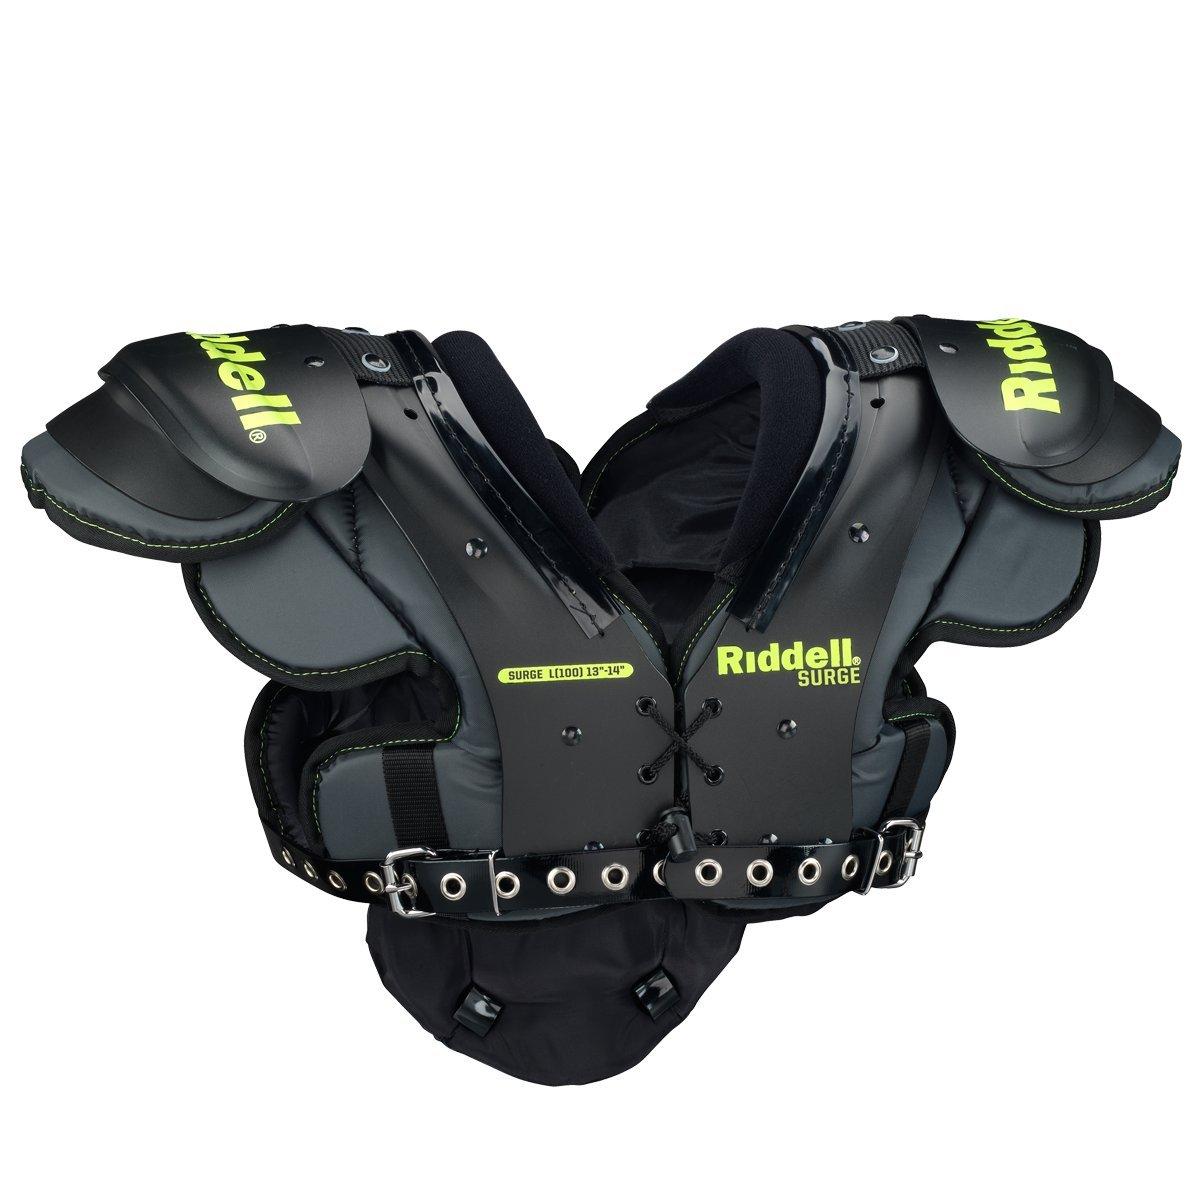 Riddell Sports Surge ユースフットボールショルダーパッド ブラック/ボルト  X-Small